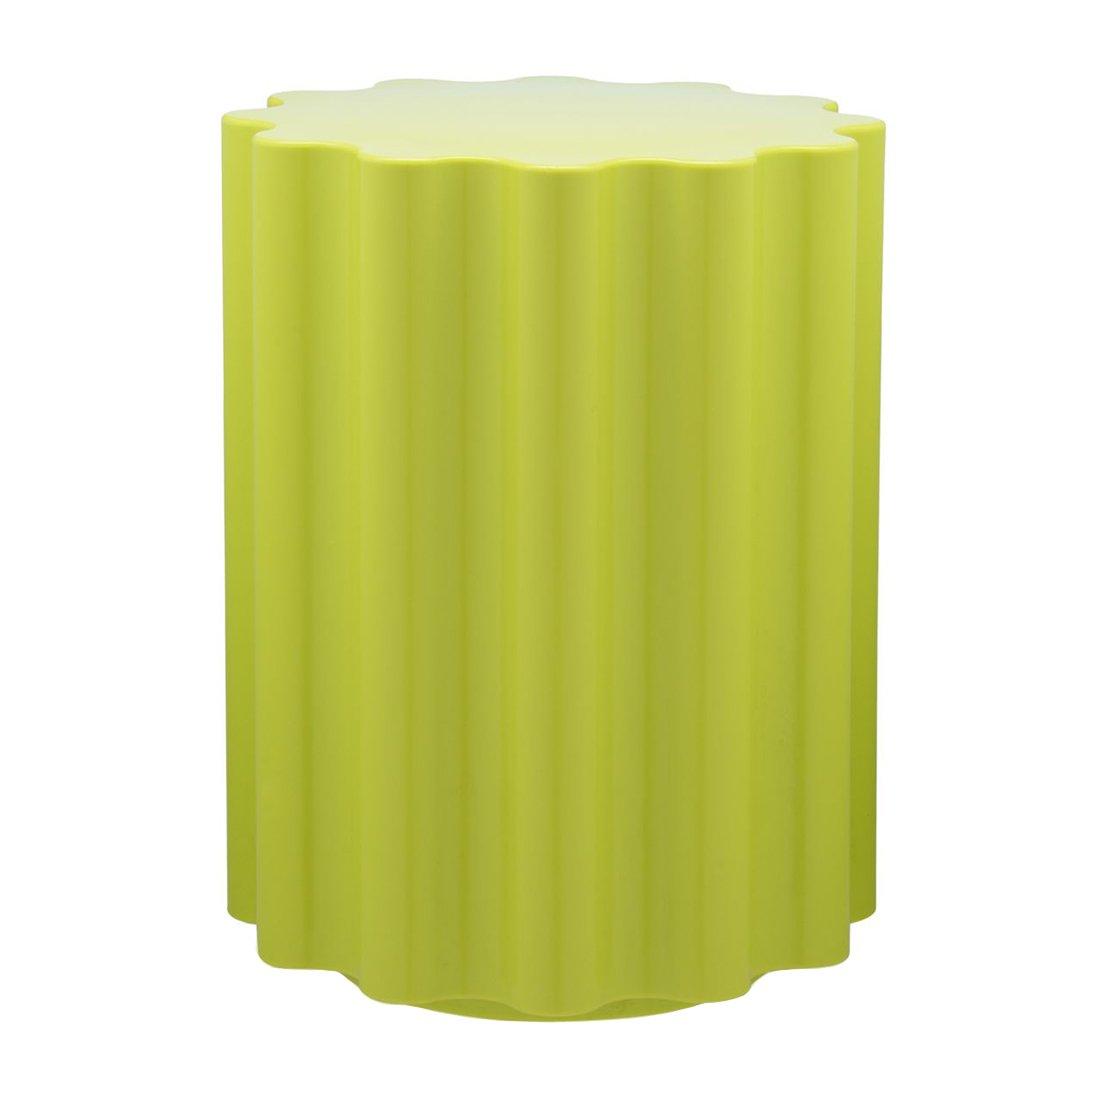 Kartell Colonna Kruk Groen